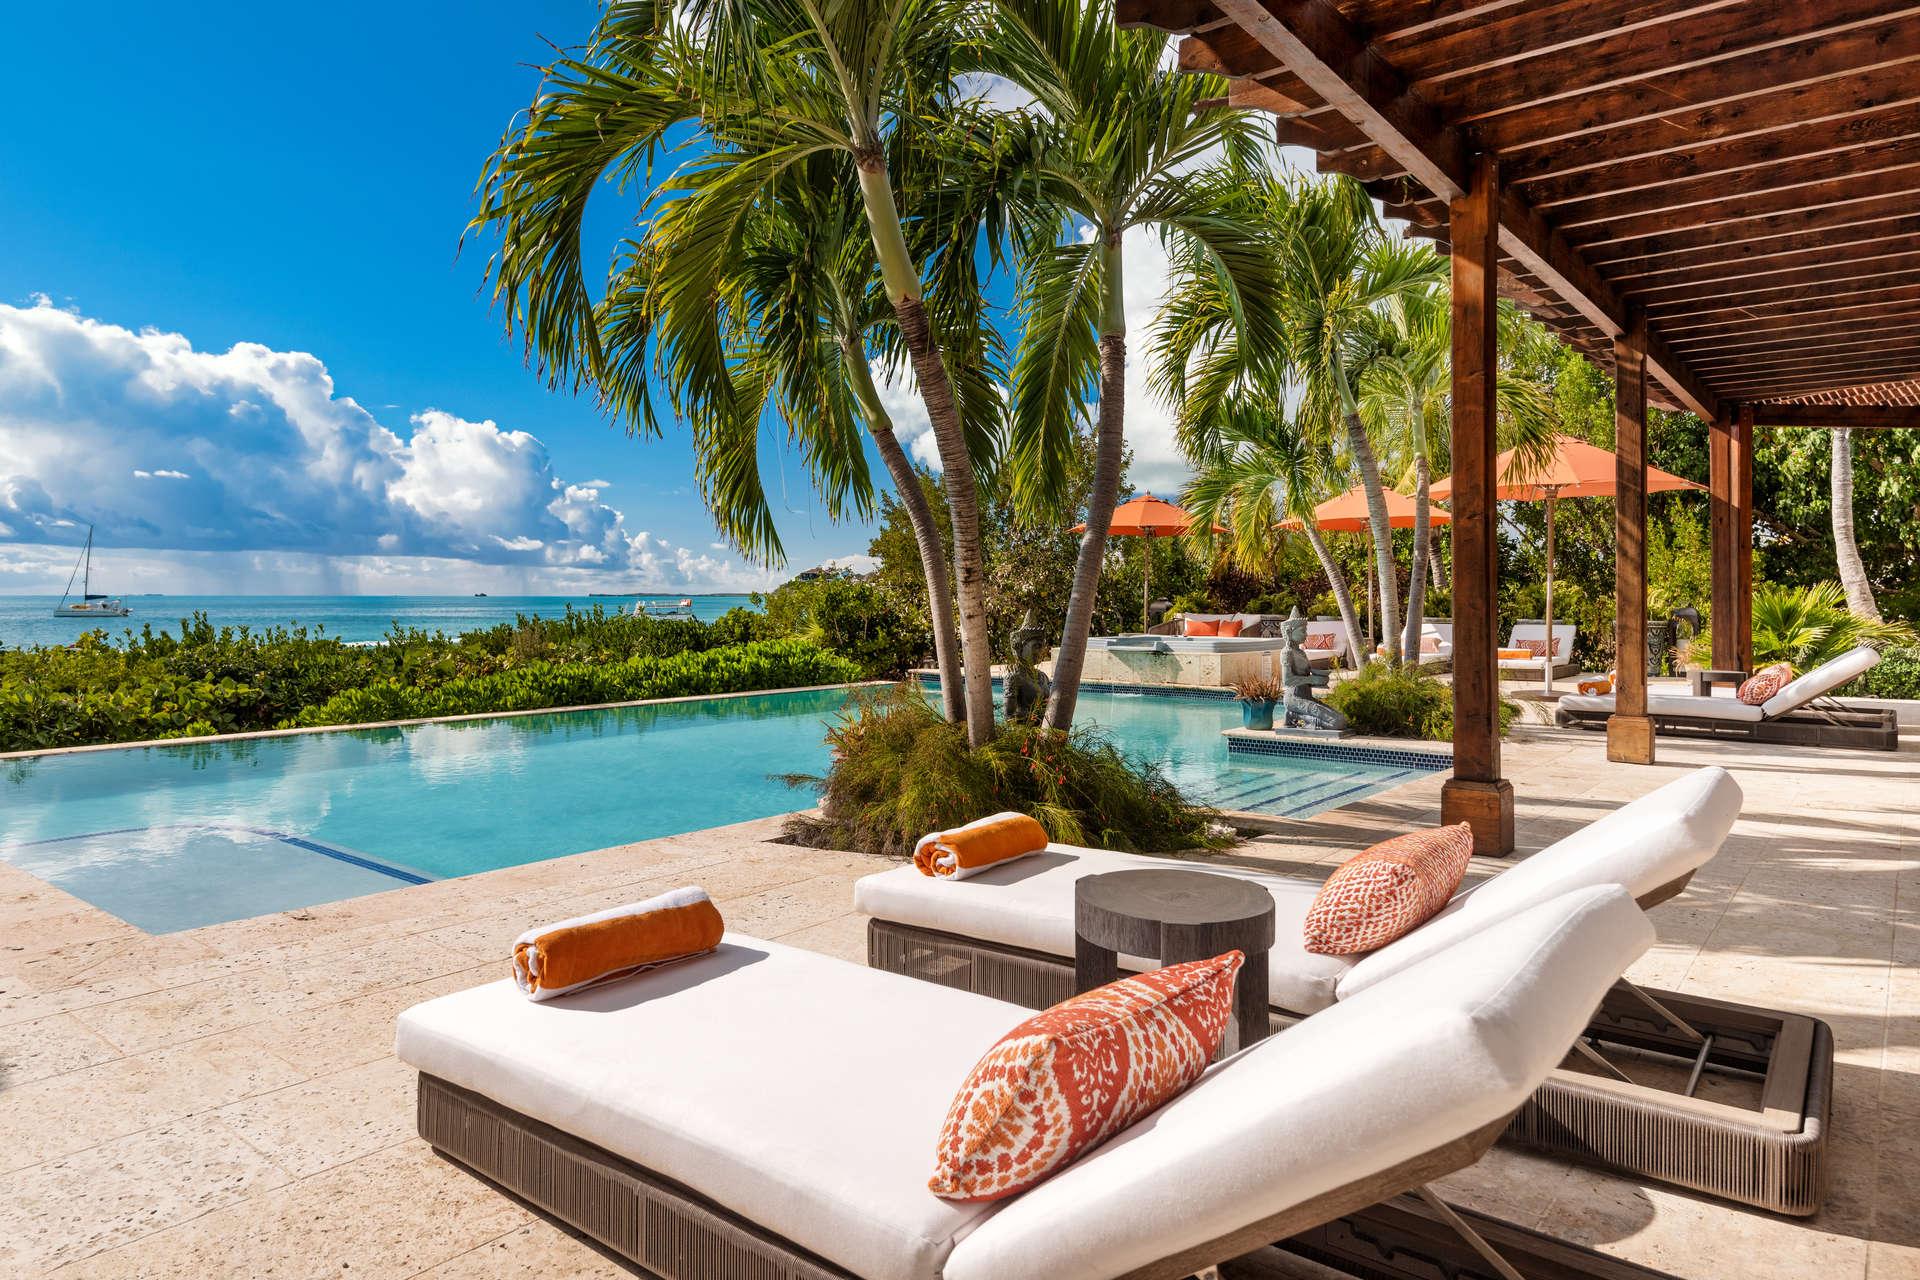 Luxury villa rentals caribbean - Turks and caicos - Providenciales - Sapodilla bay - Valentina Villa - Image 1/15